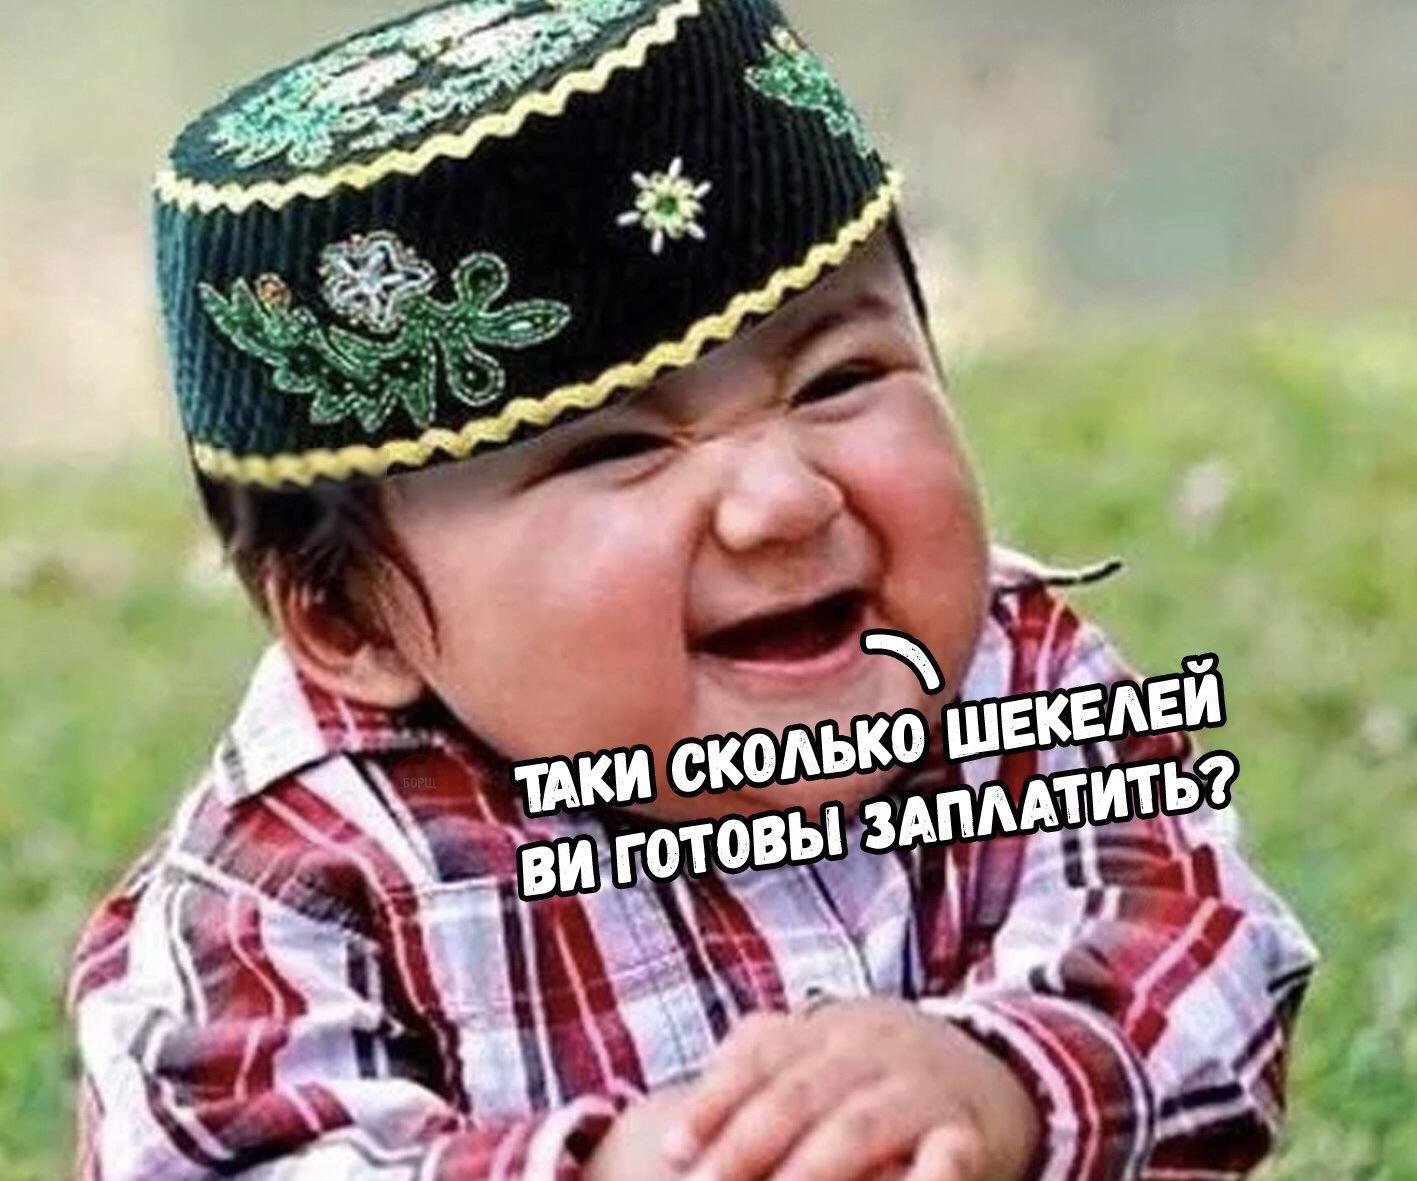 Картинки с надписью на татарском языке